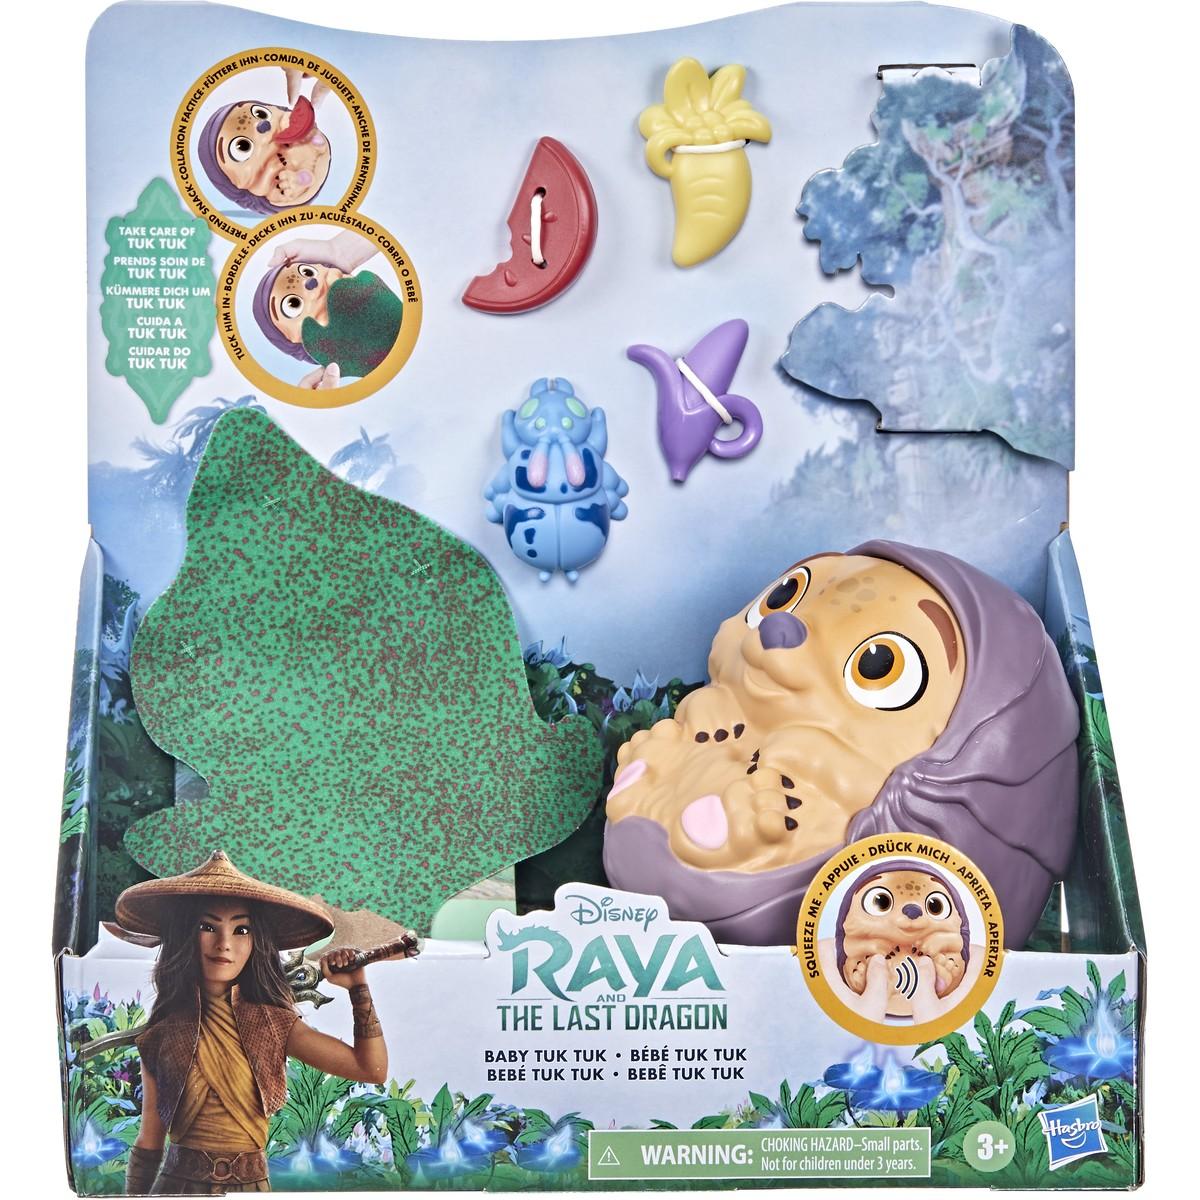 Raya and the Last Dragon Baby Tuk Tuk Doll